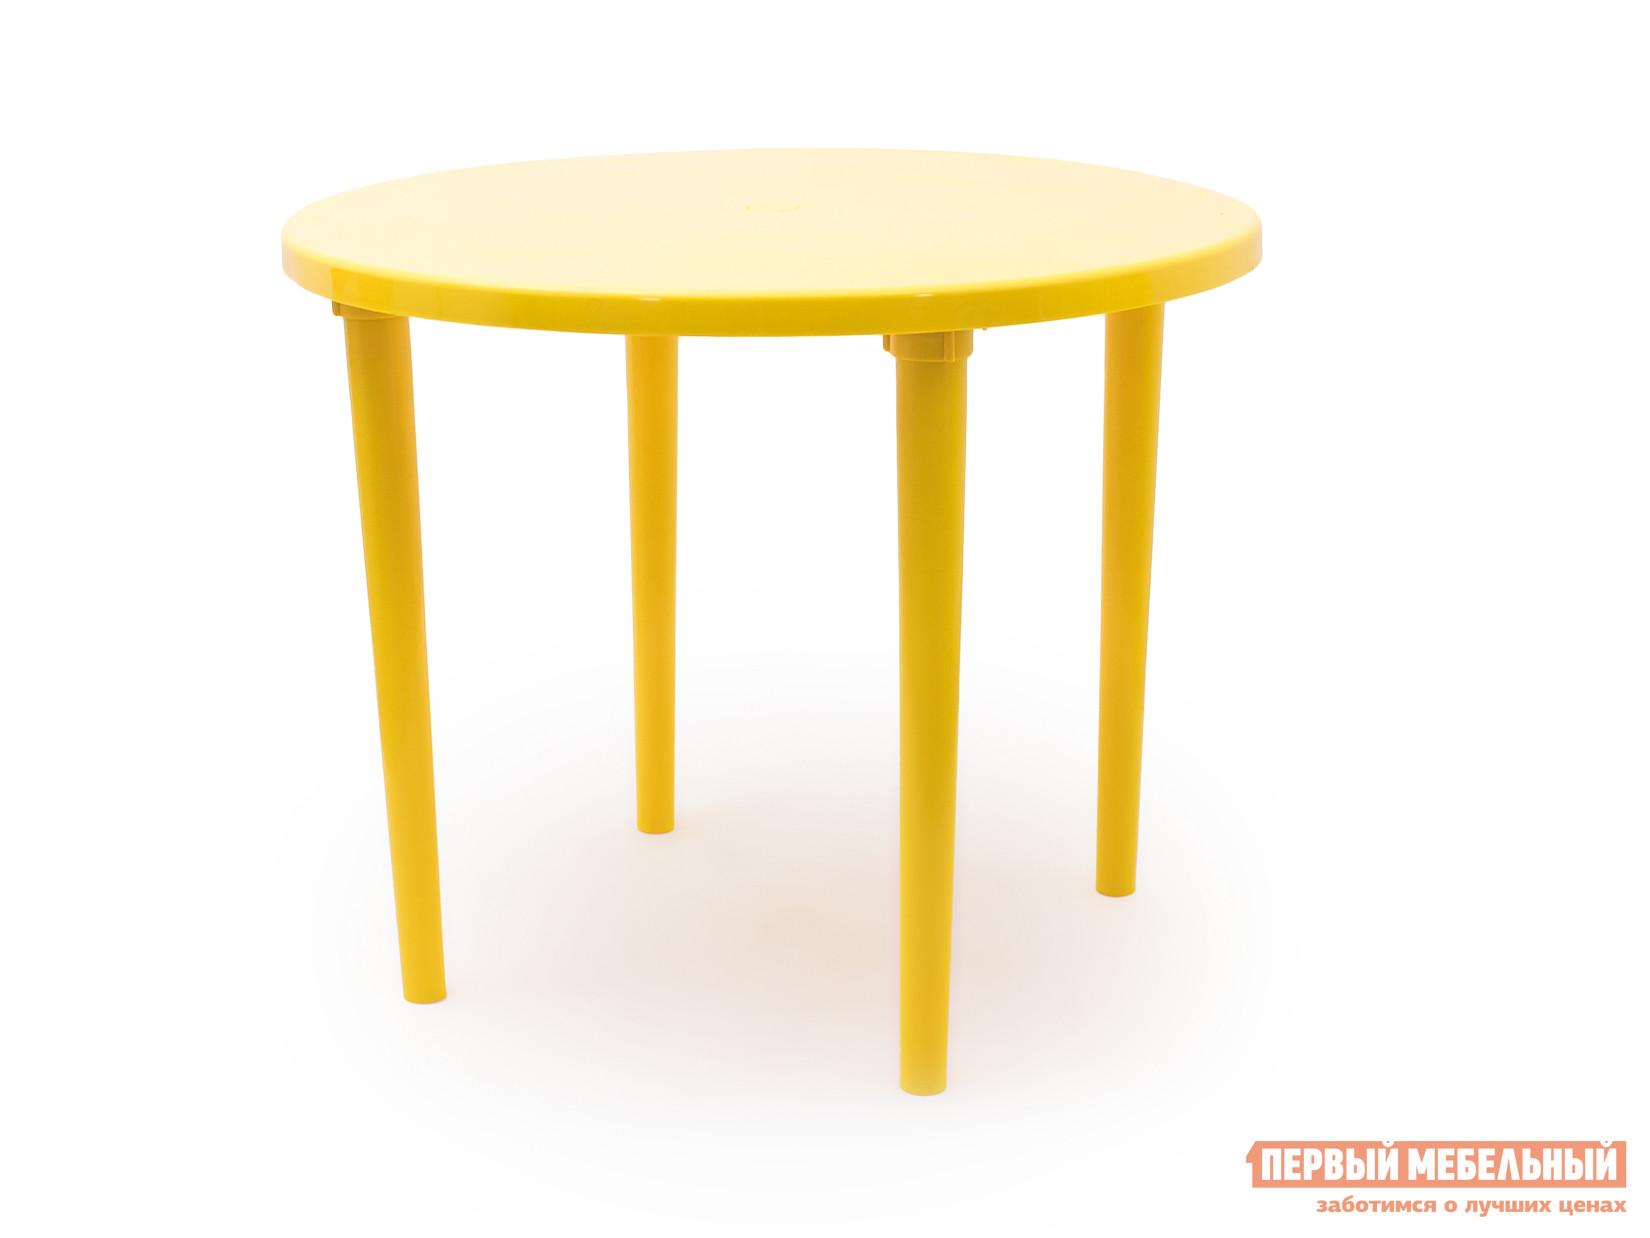 Пластиковый стол Стандарт Пластик Стол круглый, д. 900 мм ЖелтыйПластиковые столы<br>Габаритные размеры ВхШхГ 710x900x900 мм. Пластиковый круглый стол д.  900 мм Рикул совершенно незаменим на даче или в летнем кафе.  Ведь пластик является наиболее практичным материалом для использования на свежем воздухе.  Он легкий, прочный, не боится воды и грязи, температурных перепадов. Широкая круглая столешница создаст удобные условия для обеда всей семьей на террасе или в саду.  В центре есть отверстие для зонта, с которым ваше пребывание даже в солнечный полдень станет комфортным.<br><br>Цвет: Желтый<br>Высота мм: 710<br>Ширина мм: 900<br>Глубина мм: 900<br>Кол-во упаковок: 1<br>Форма поставки: В разобранном виде<br>Срок гарантии: 1 год<br>Форма: Круглые<br>Размер: Большие